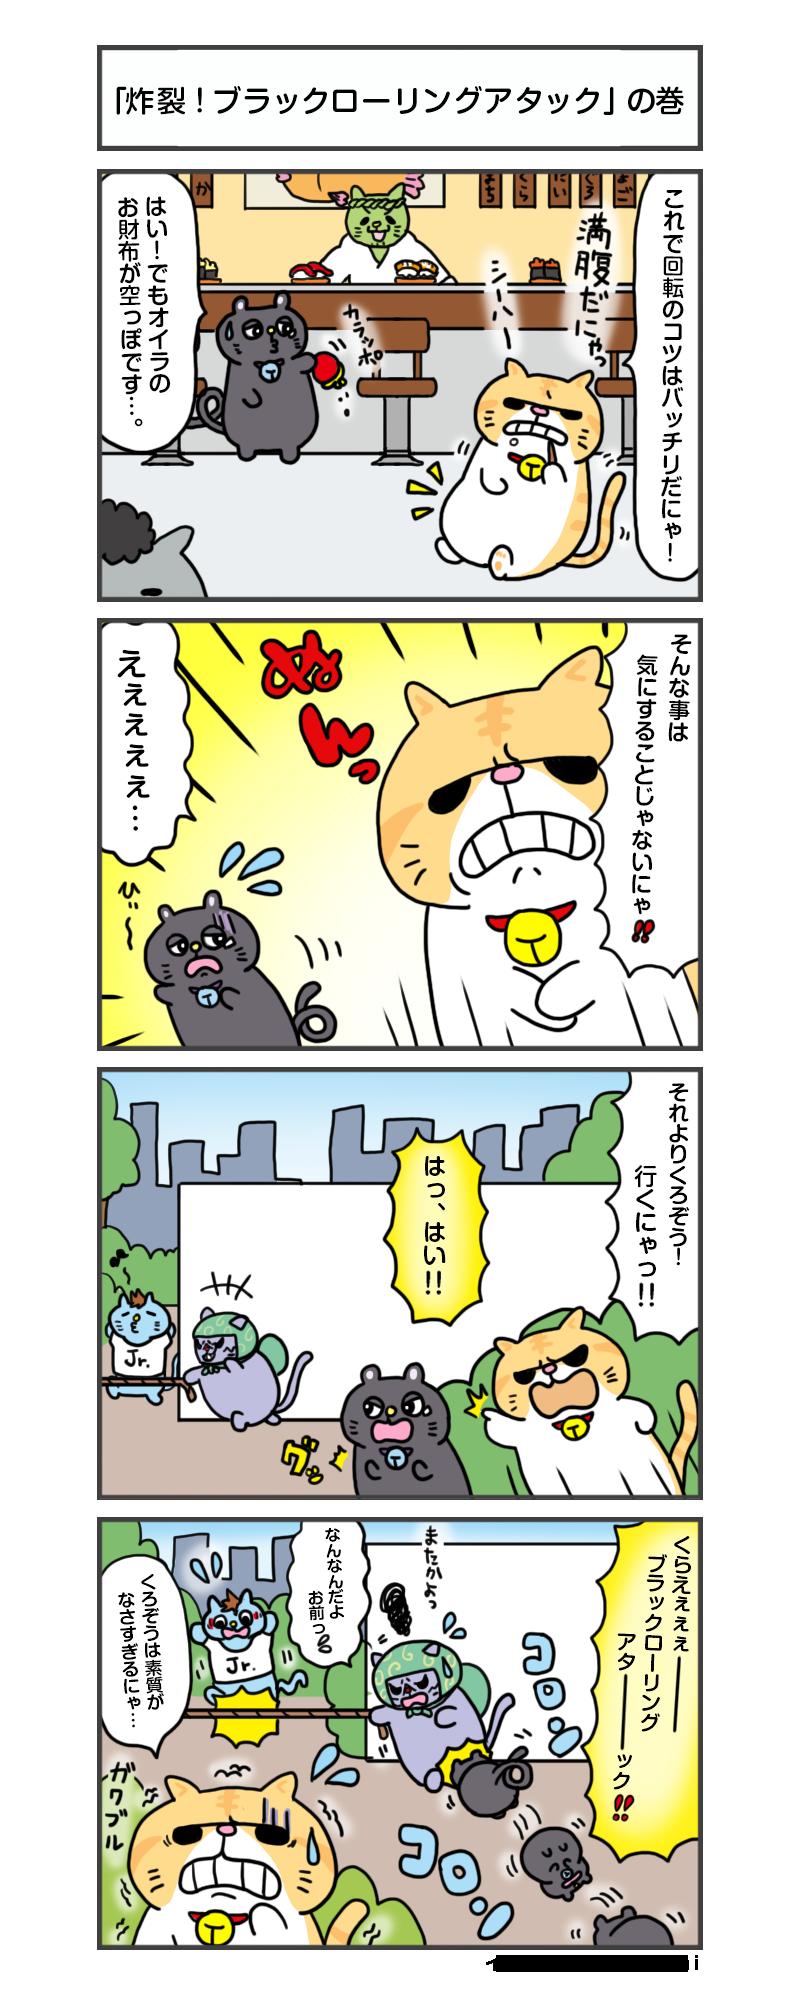 縺医″縺昴y縺・anga_vol.49